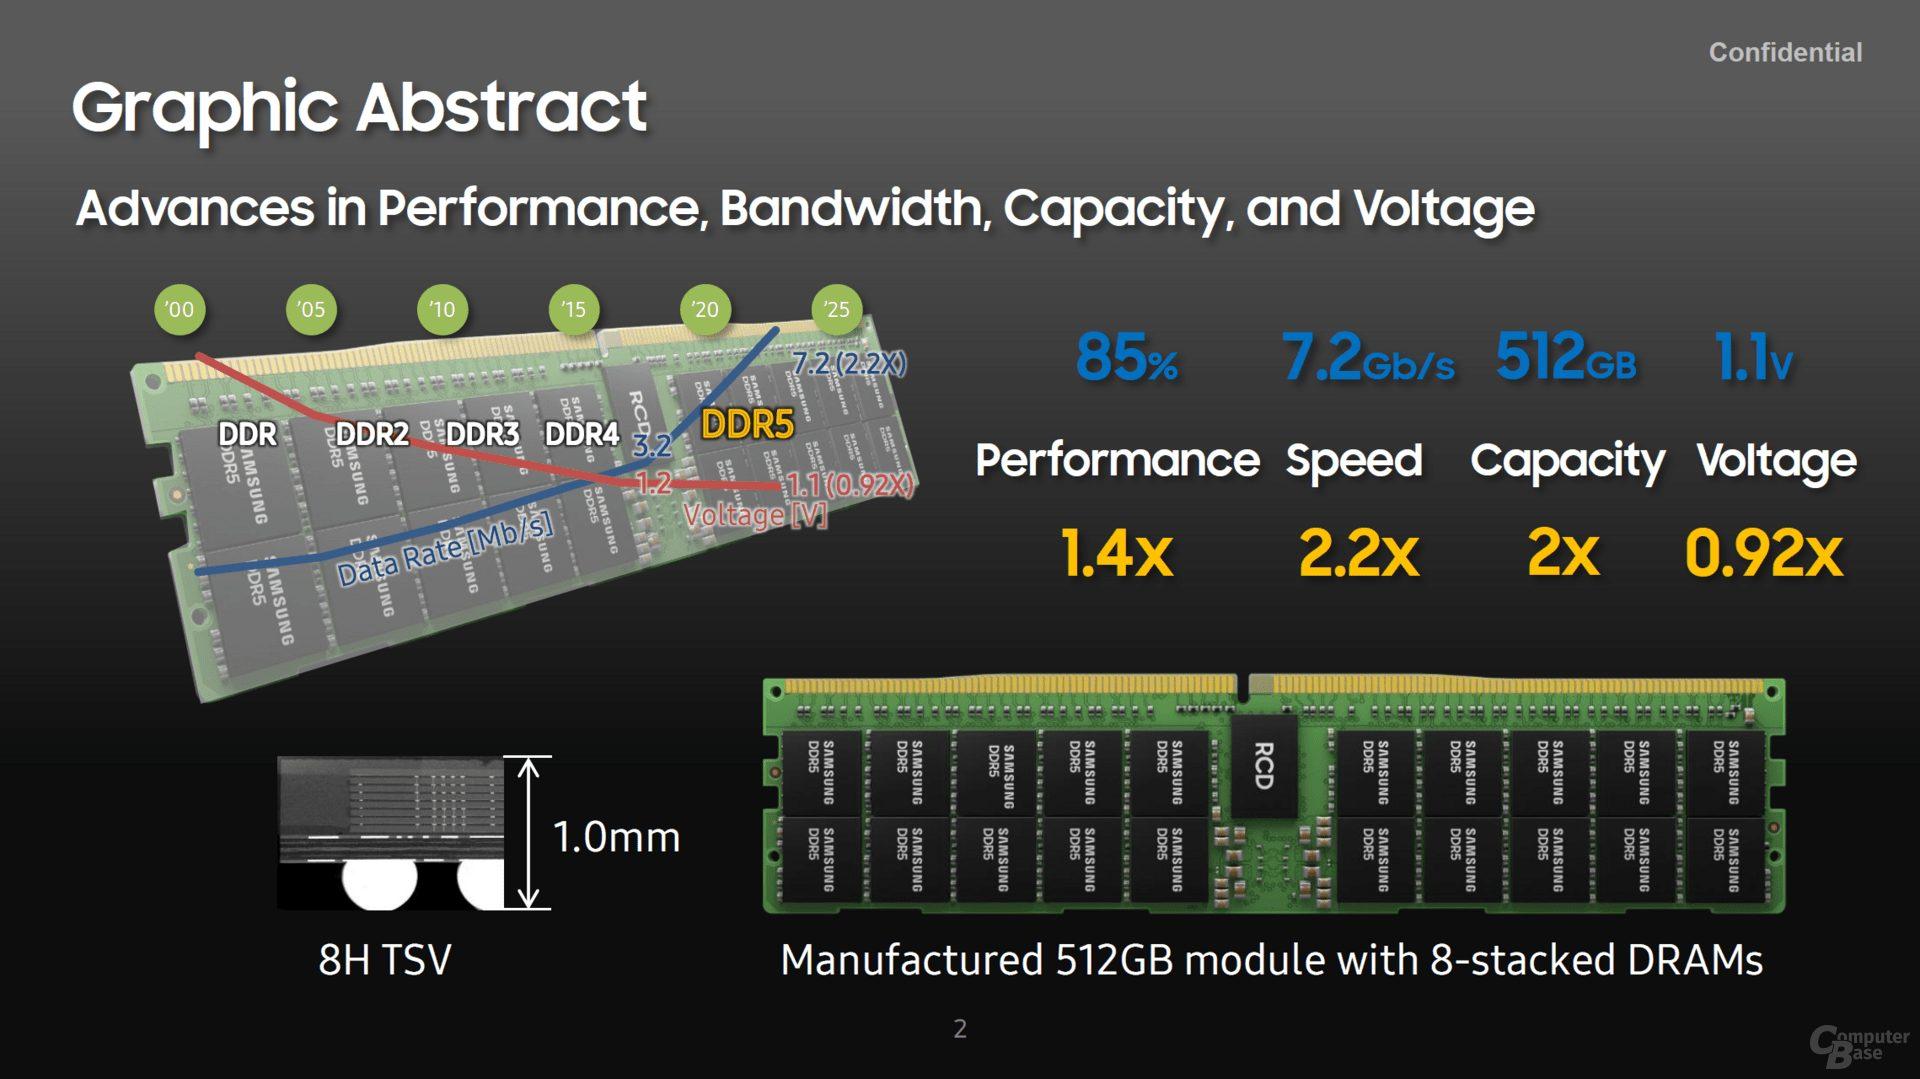 Samsung planea módulos de memoria TSV DDR5 de 8 apilados con hasta 512 GB de capacidad total